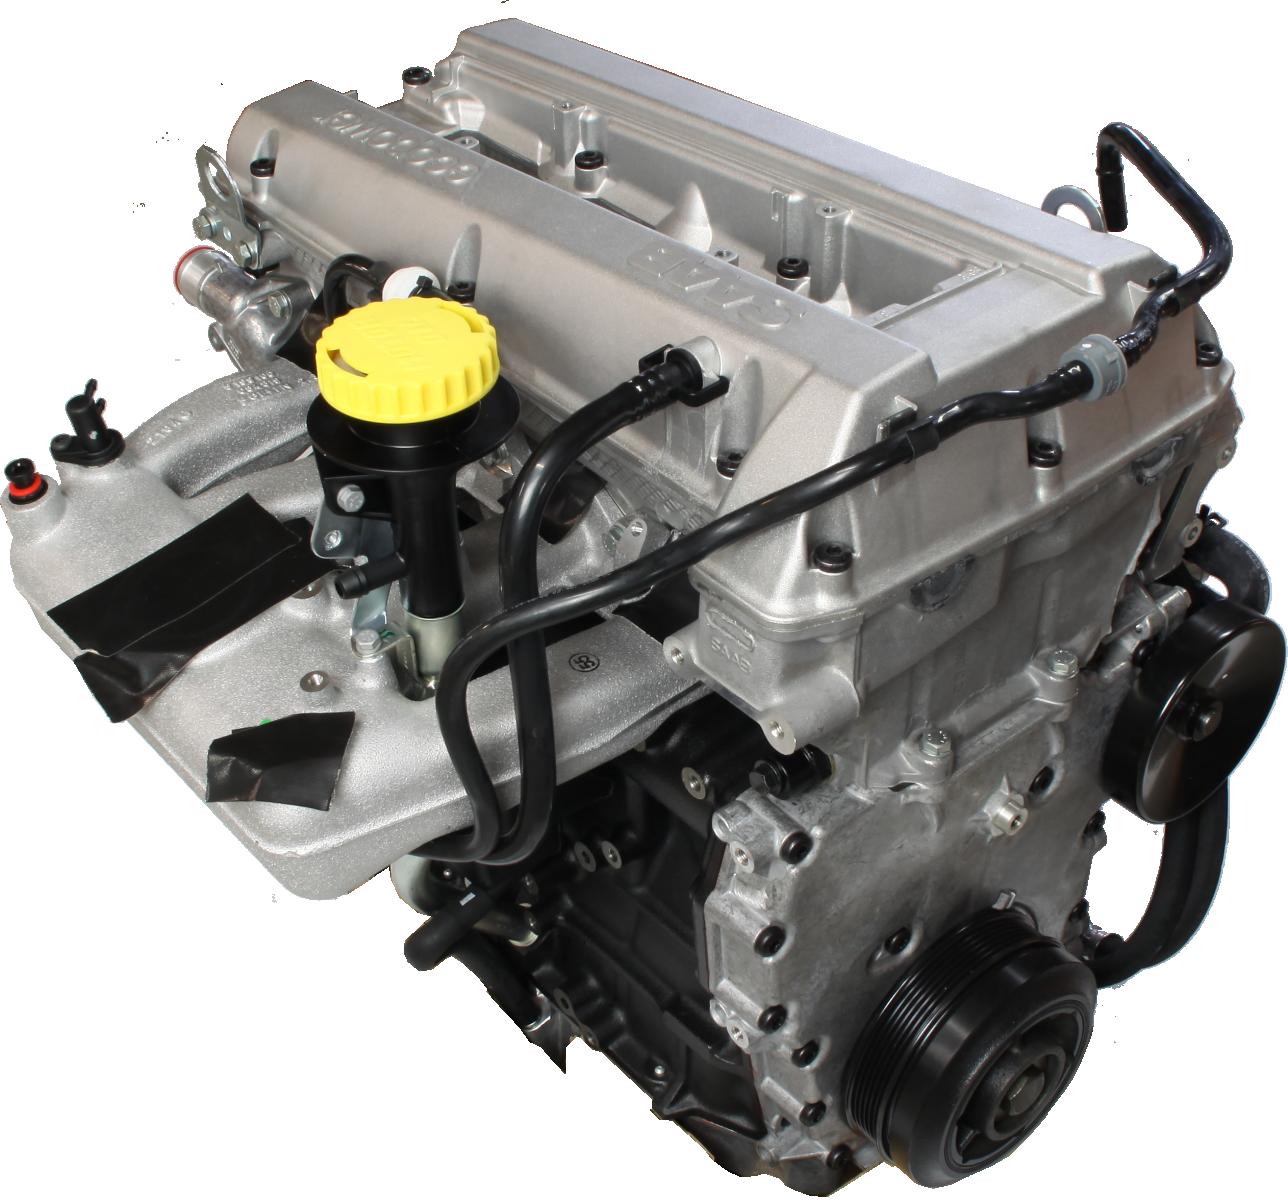 2003 Saab 43533 Transmission: Complete Longblock Engine For Saab 9.5 2.0 Turbo 150 Hp